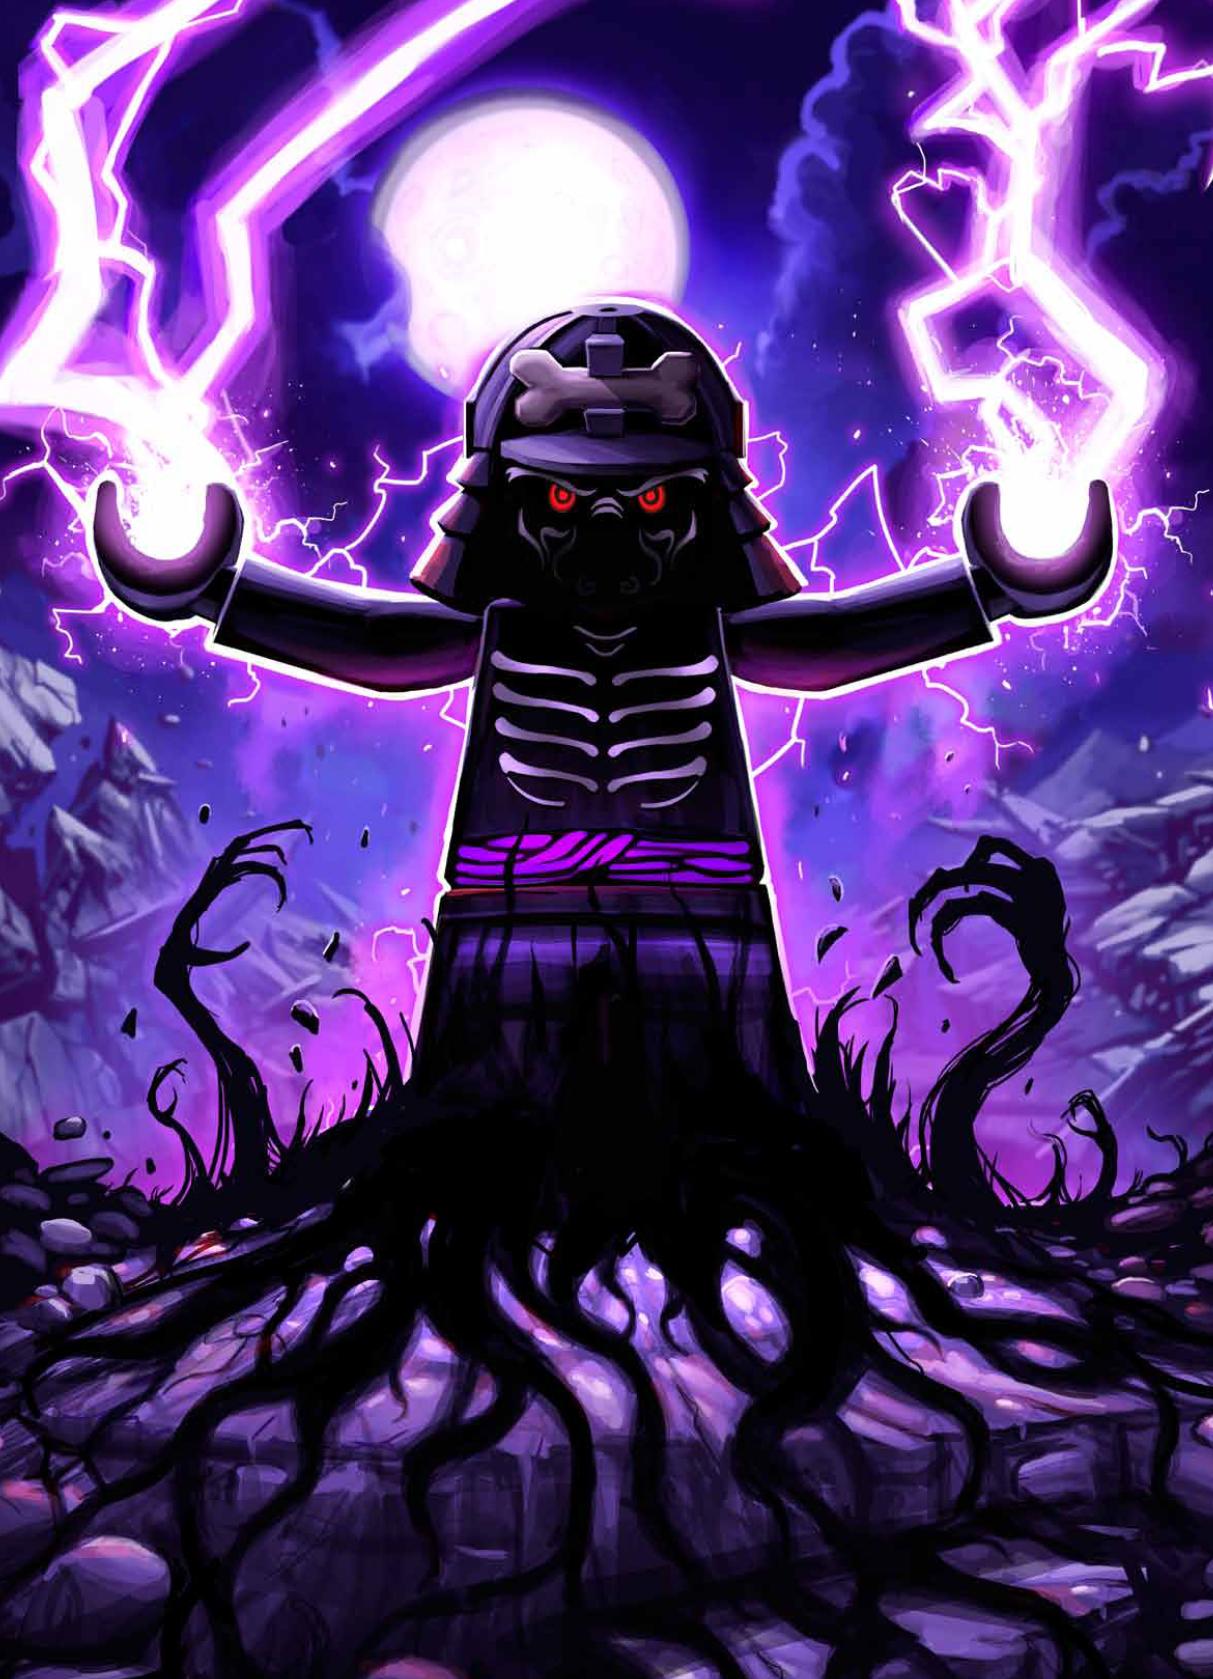 Imagen - Ninjago-lord garmadon.jpg   Wiki Ninjago   FANDOM powered ...